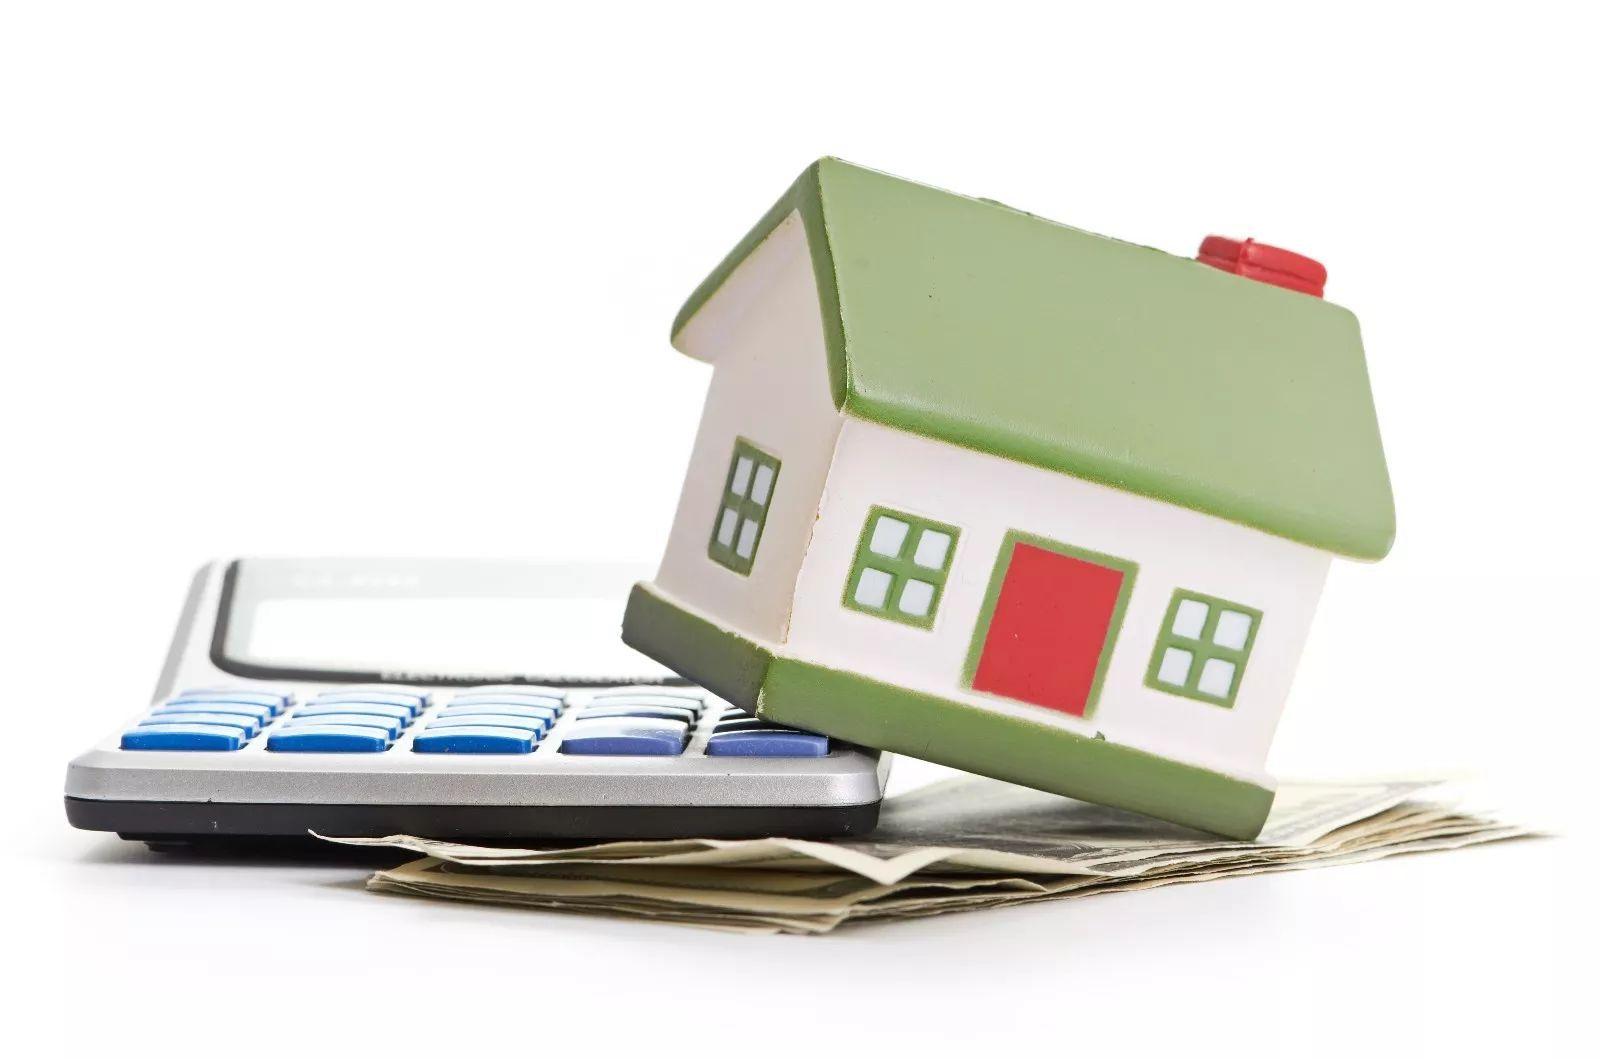 刚刚买房就接到装修公司电话,购房者信息是如何被泄露的?